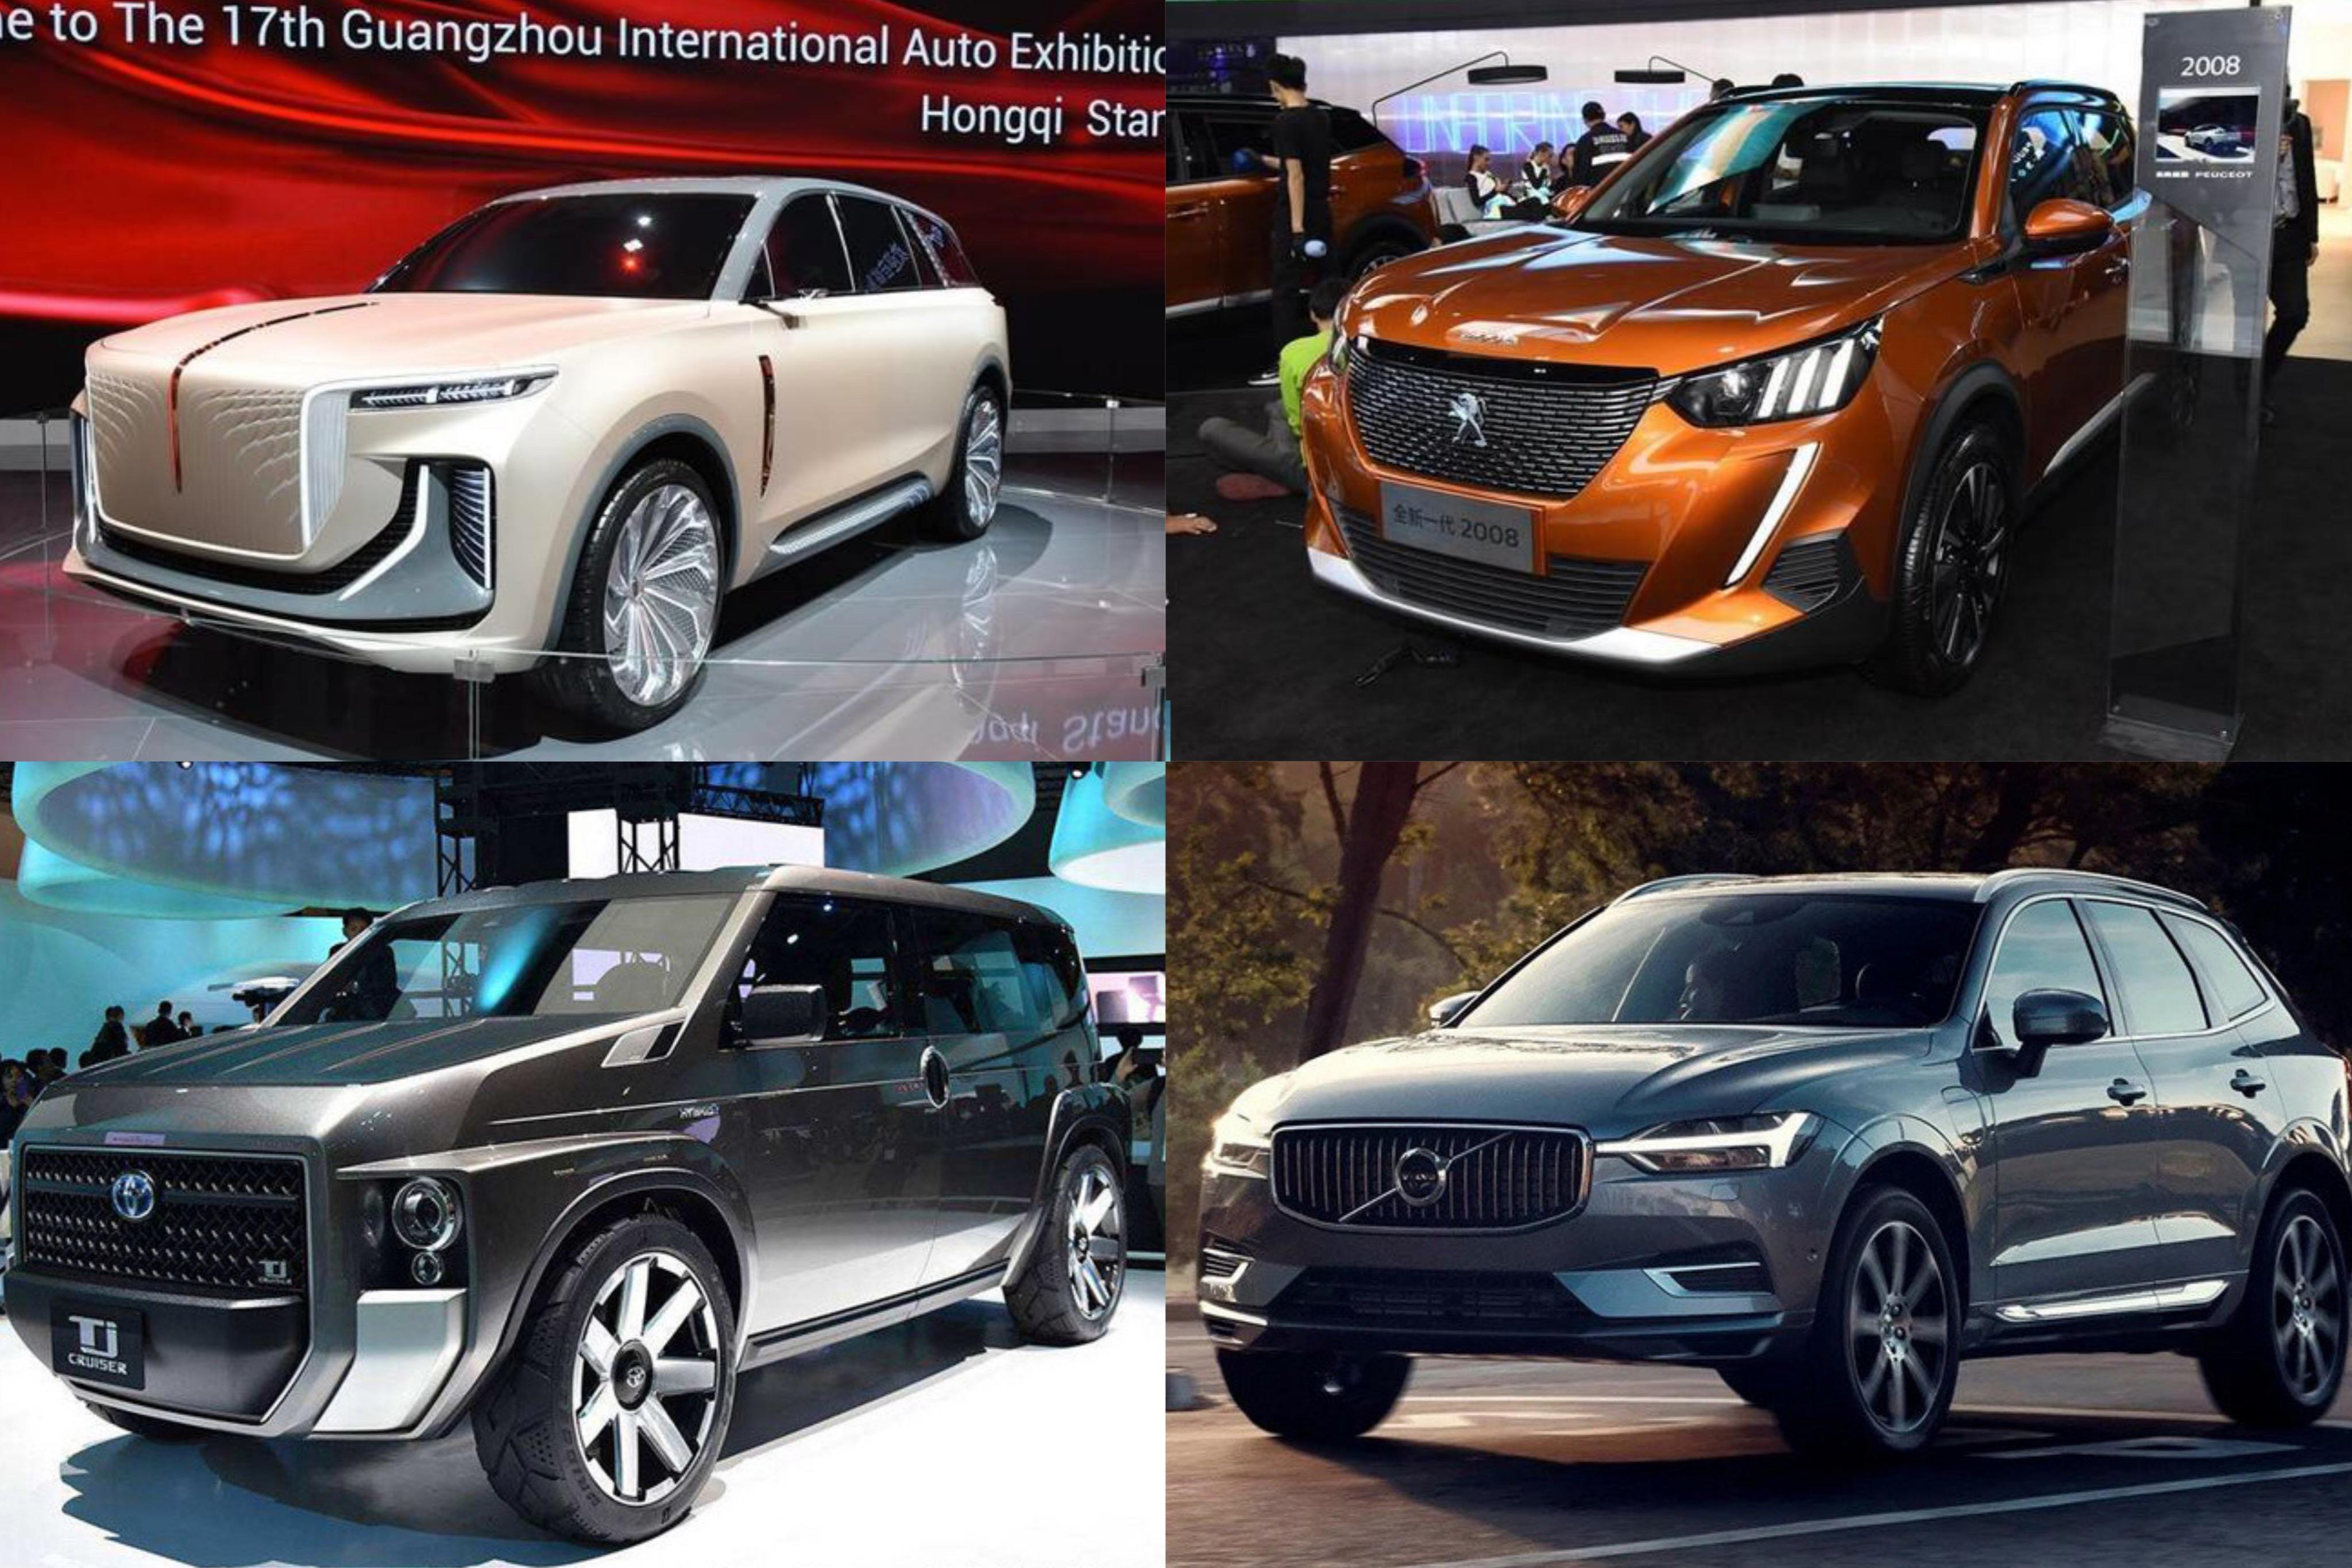 劳斯莱斯/捷豹新E-PACE/丰田全新SUV等重磅车型来袭